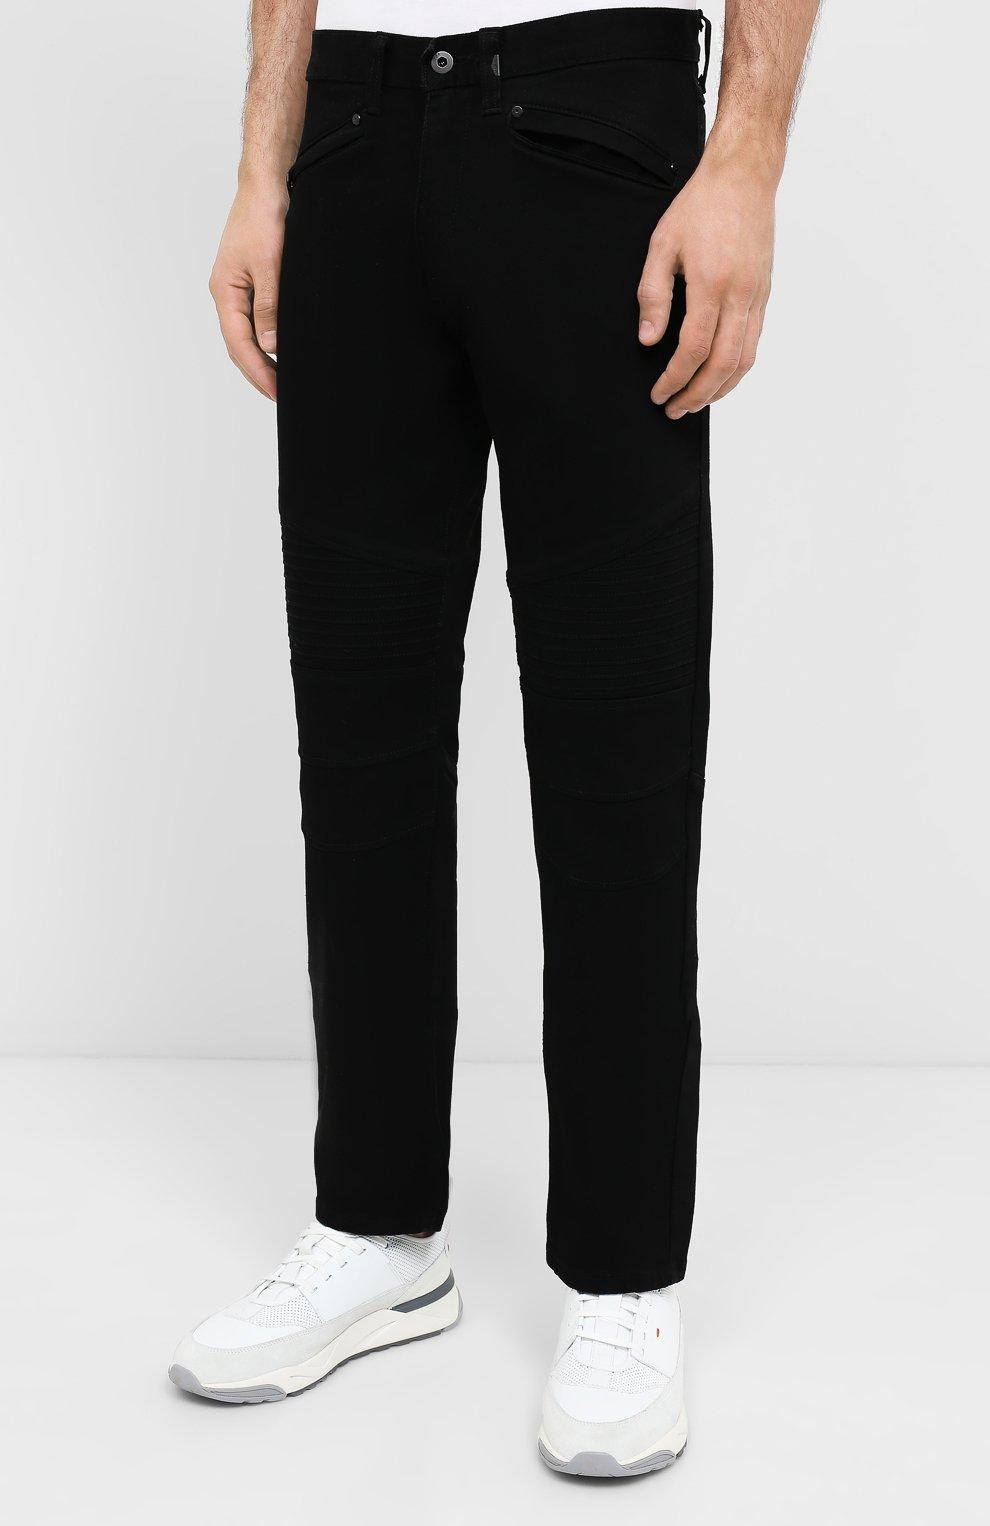 Мужские джинсы black label HARLEY-DAVIDSON черного цвета, арт. 96045-15VM   Фото 3